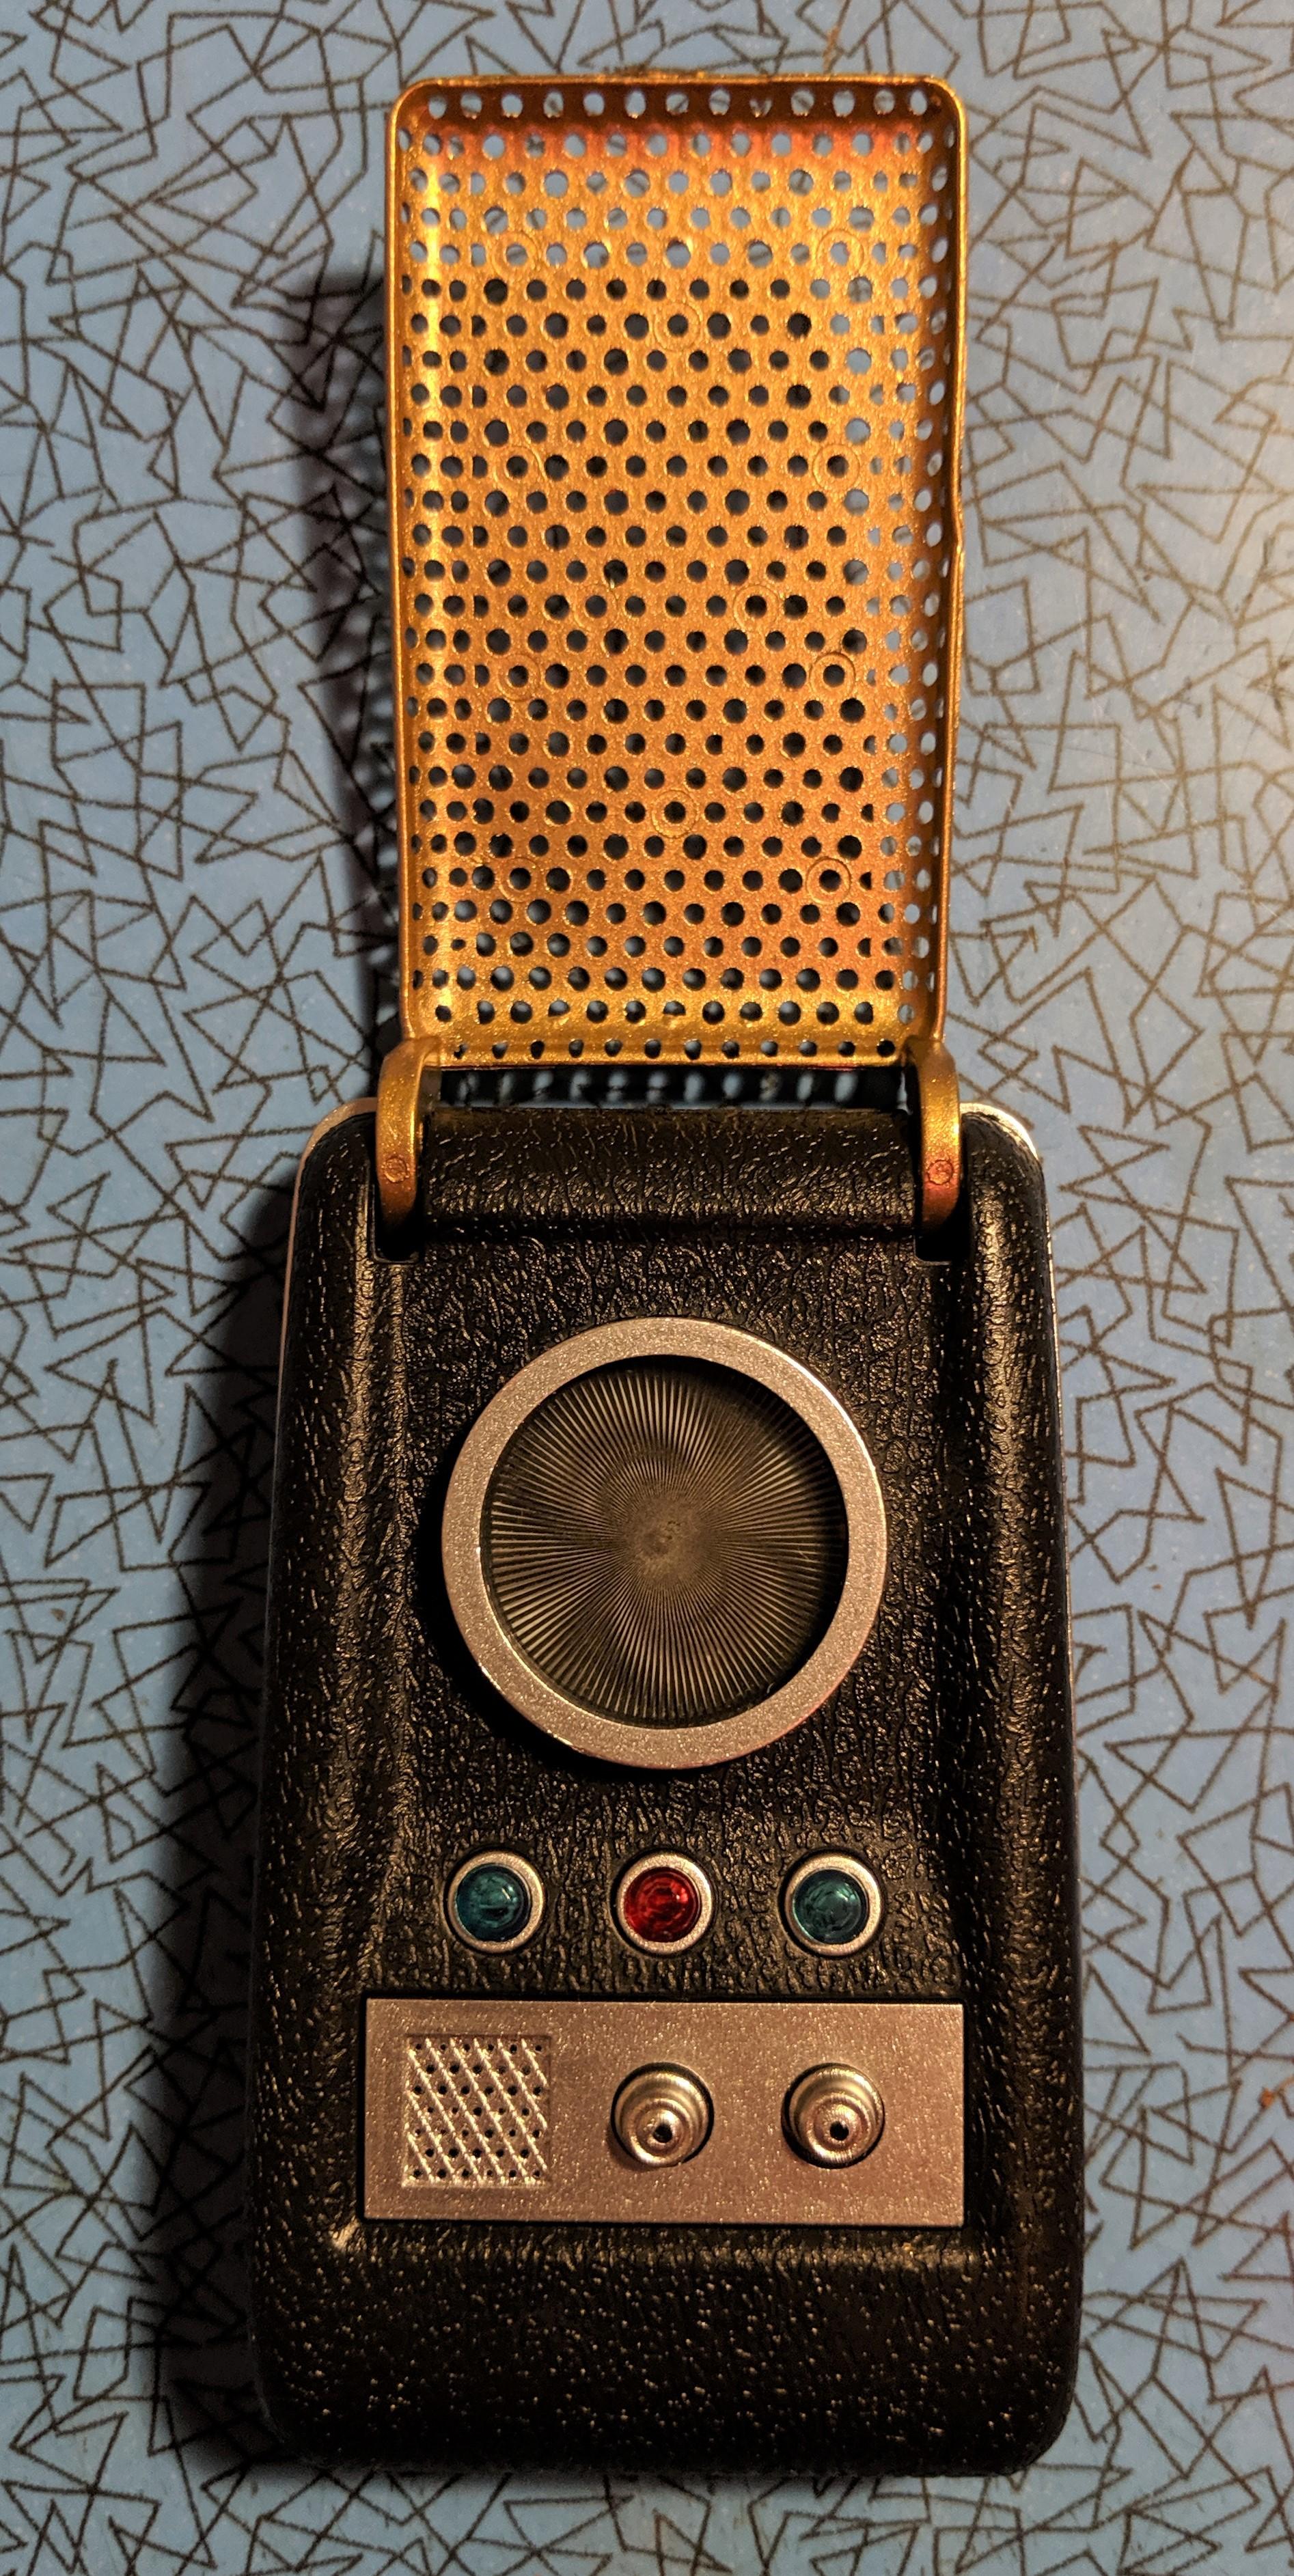 Star Trek Gadget